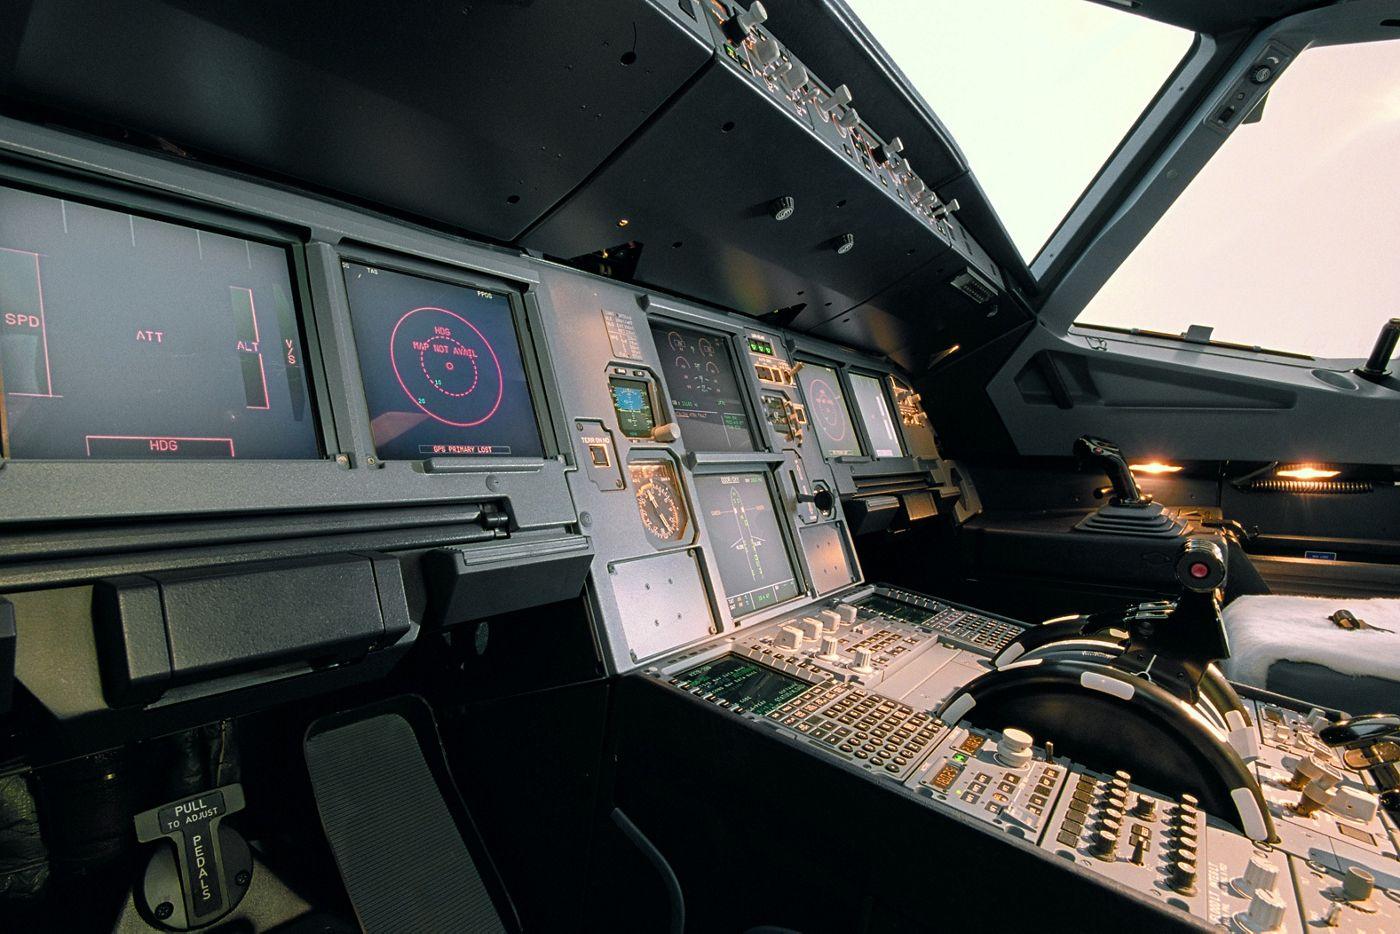 A320 cockpit virtual visit